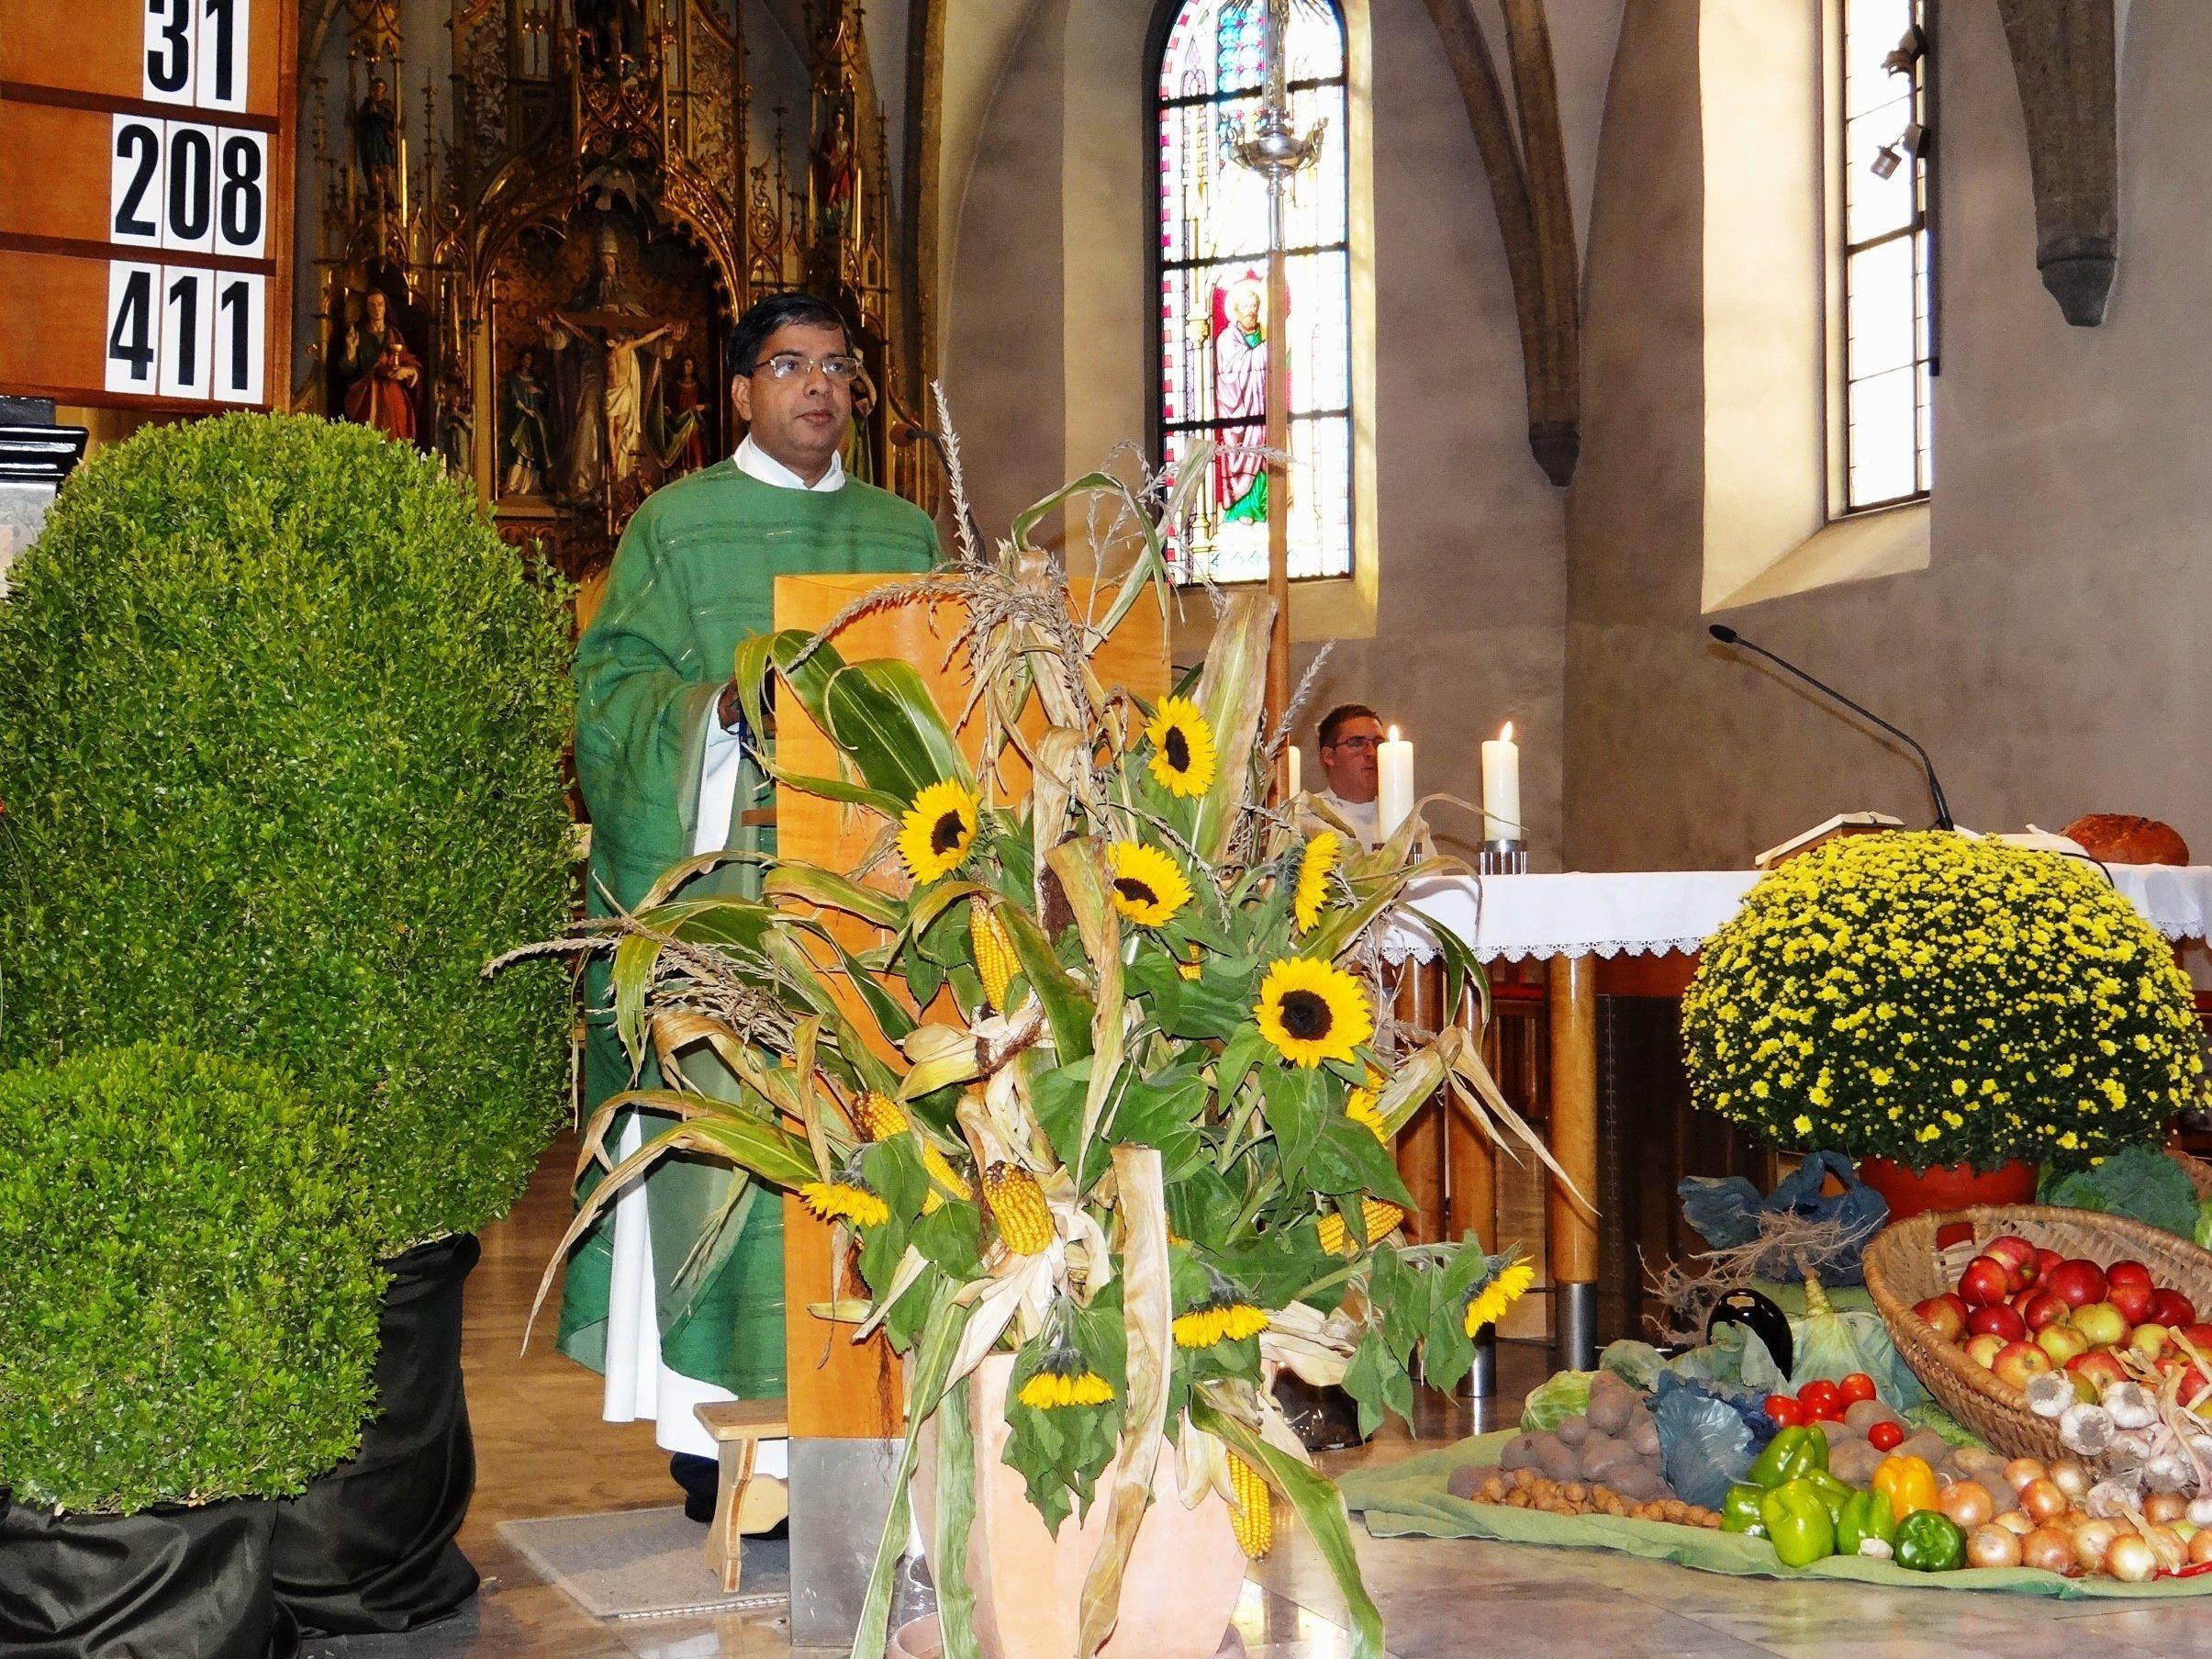 Pfarrgemeinde dankt für reiche Ernte